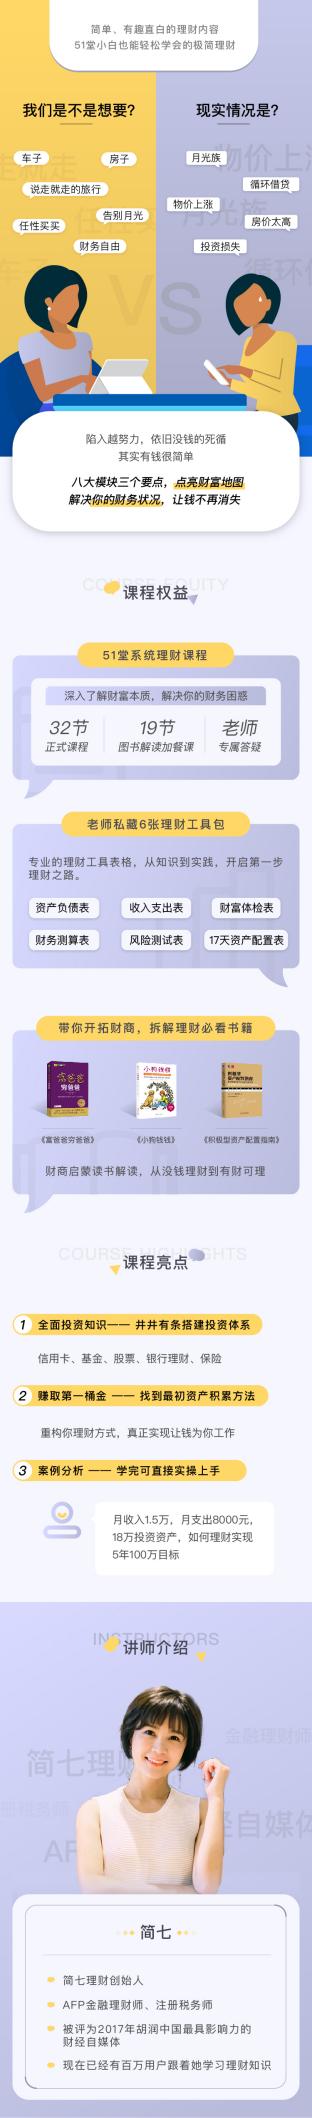 小鹅通知识商品介绍详情编辑教程